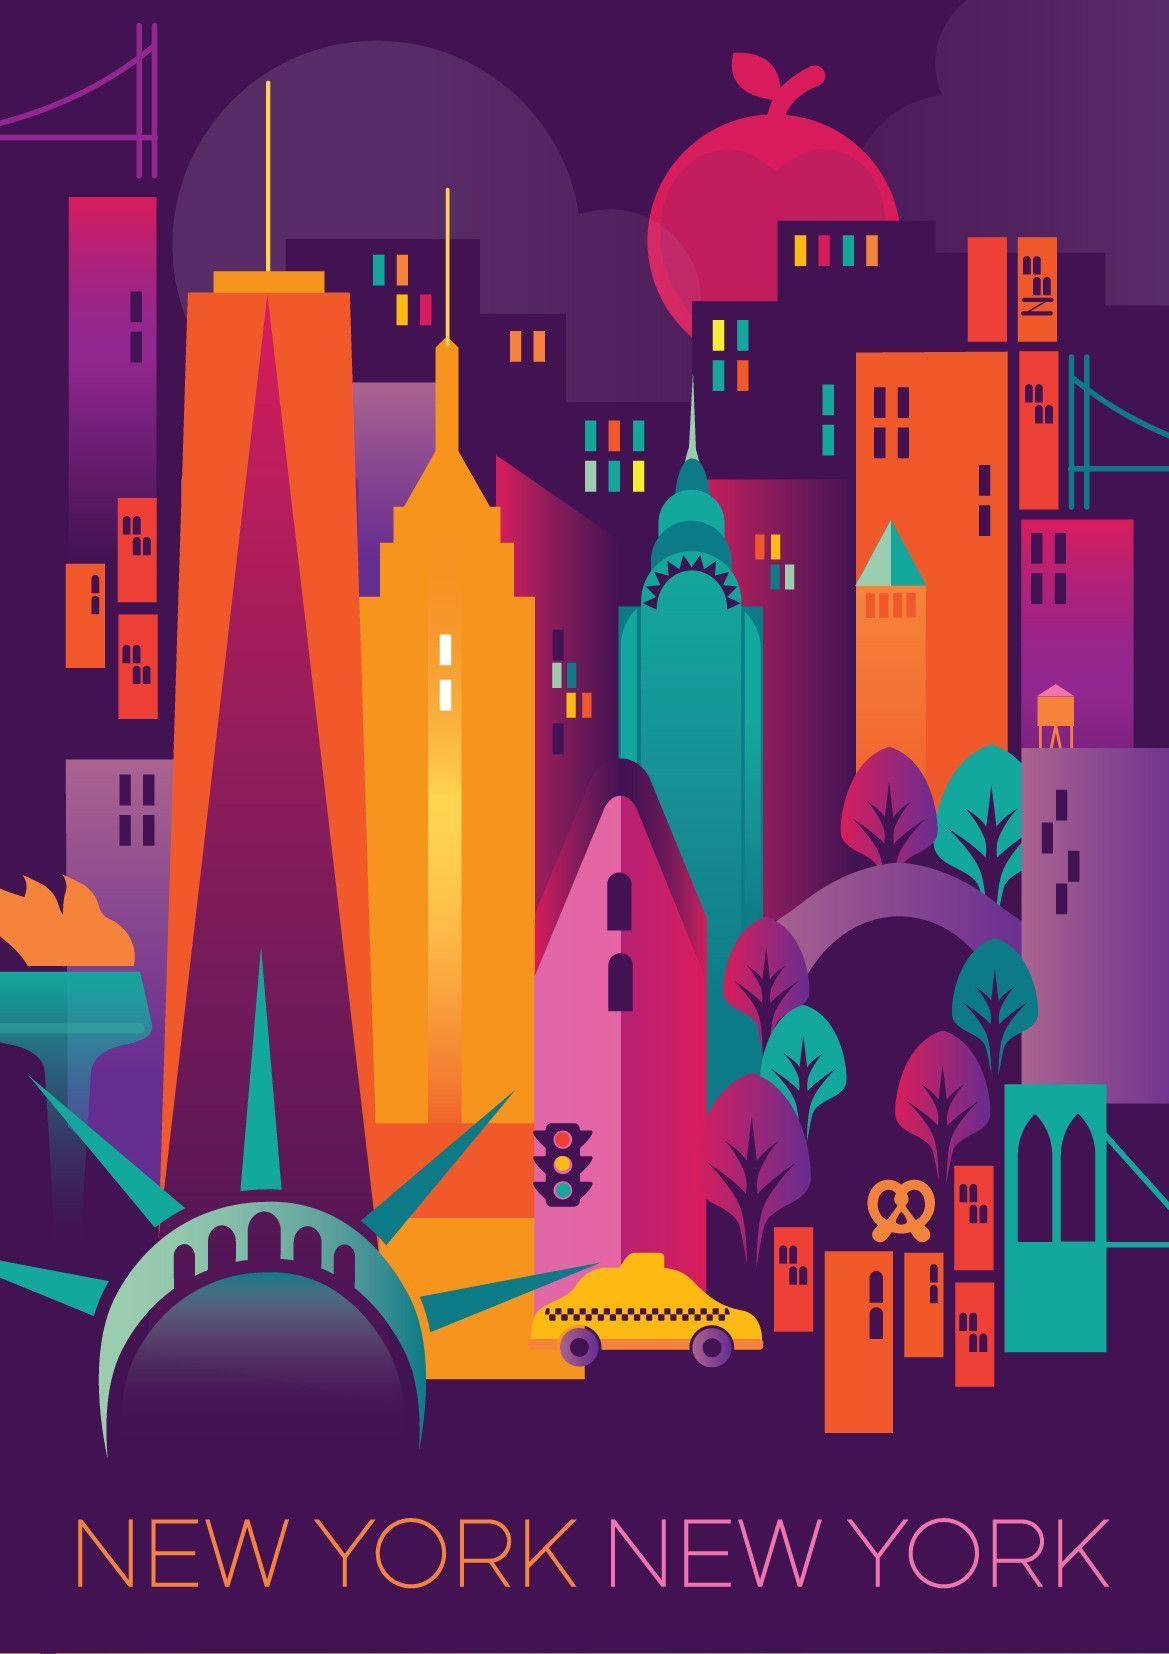 New York City Print Affiches De Voyage Retro Affiches Retro Affiches D Art Deco